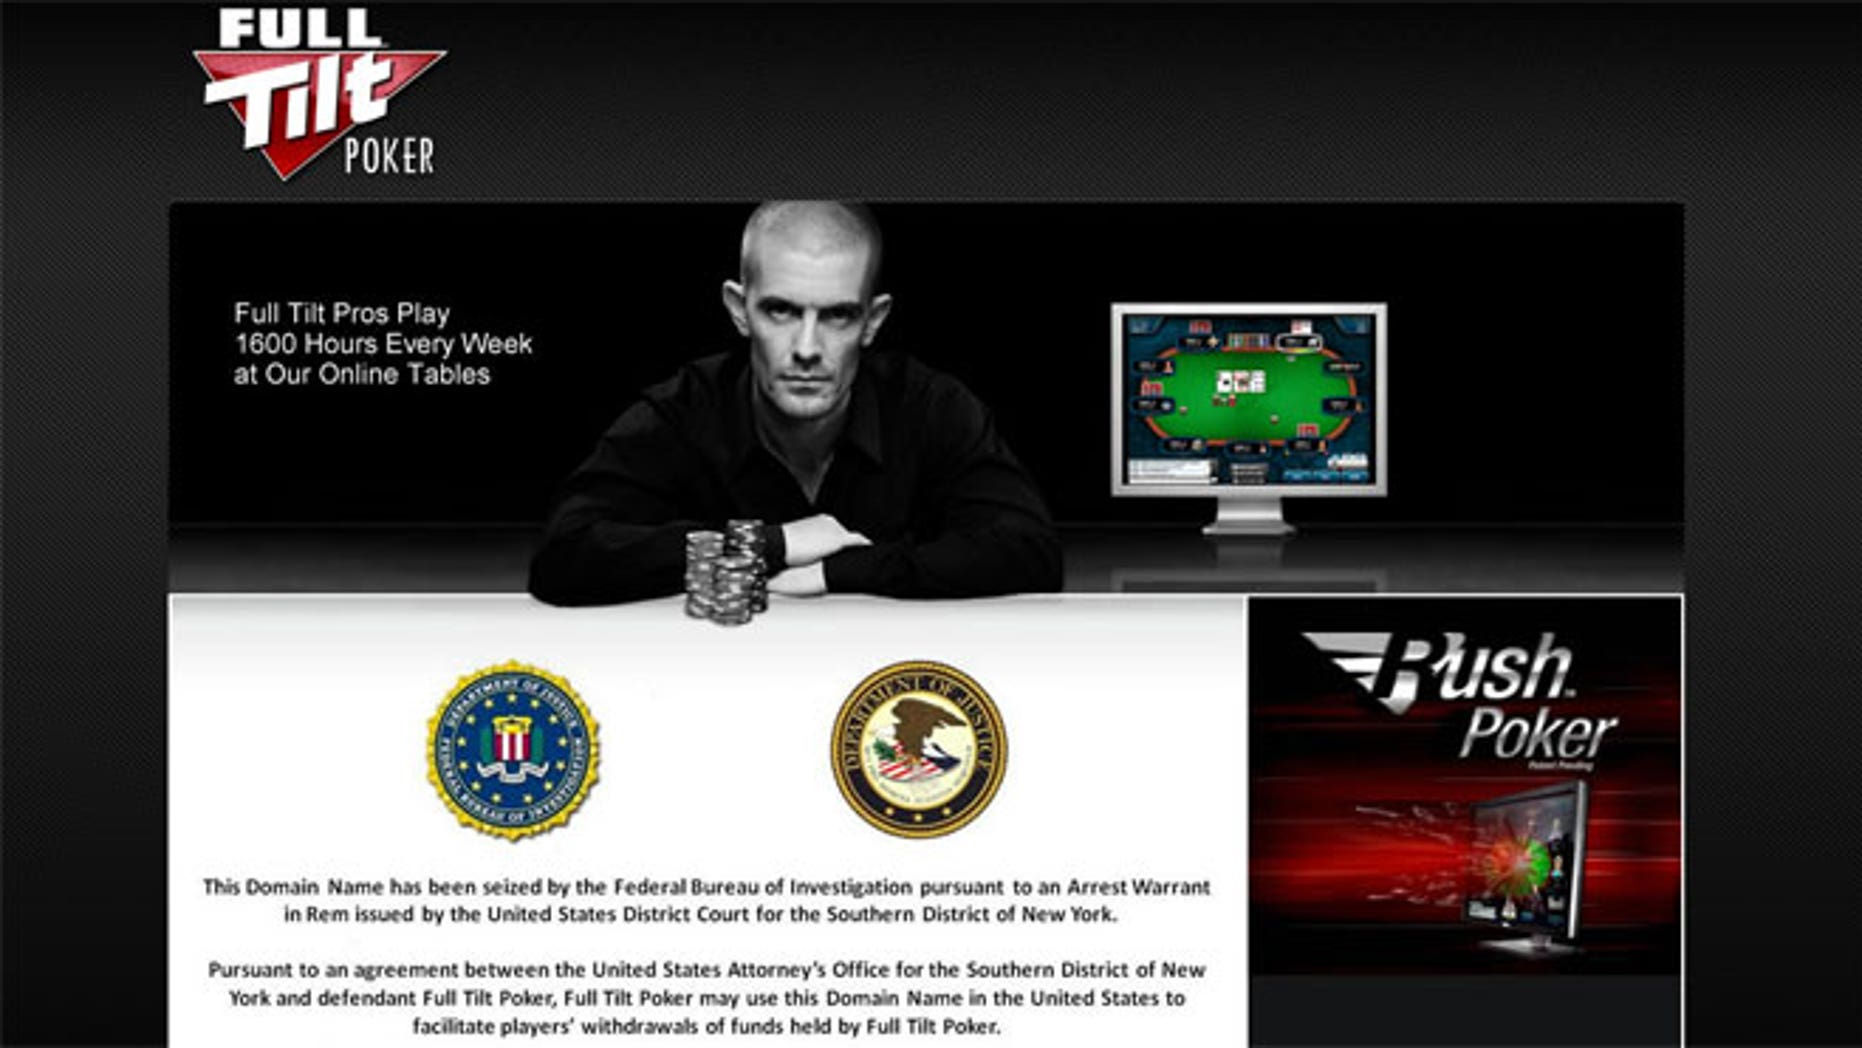 Full Tilt Poker Ponzi